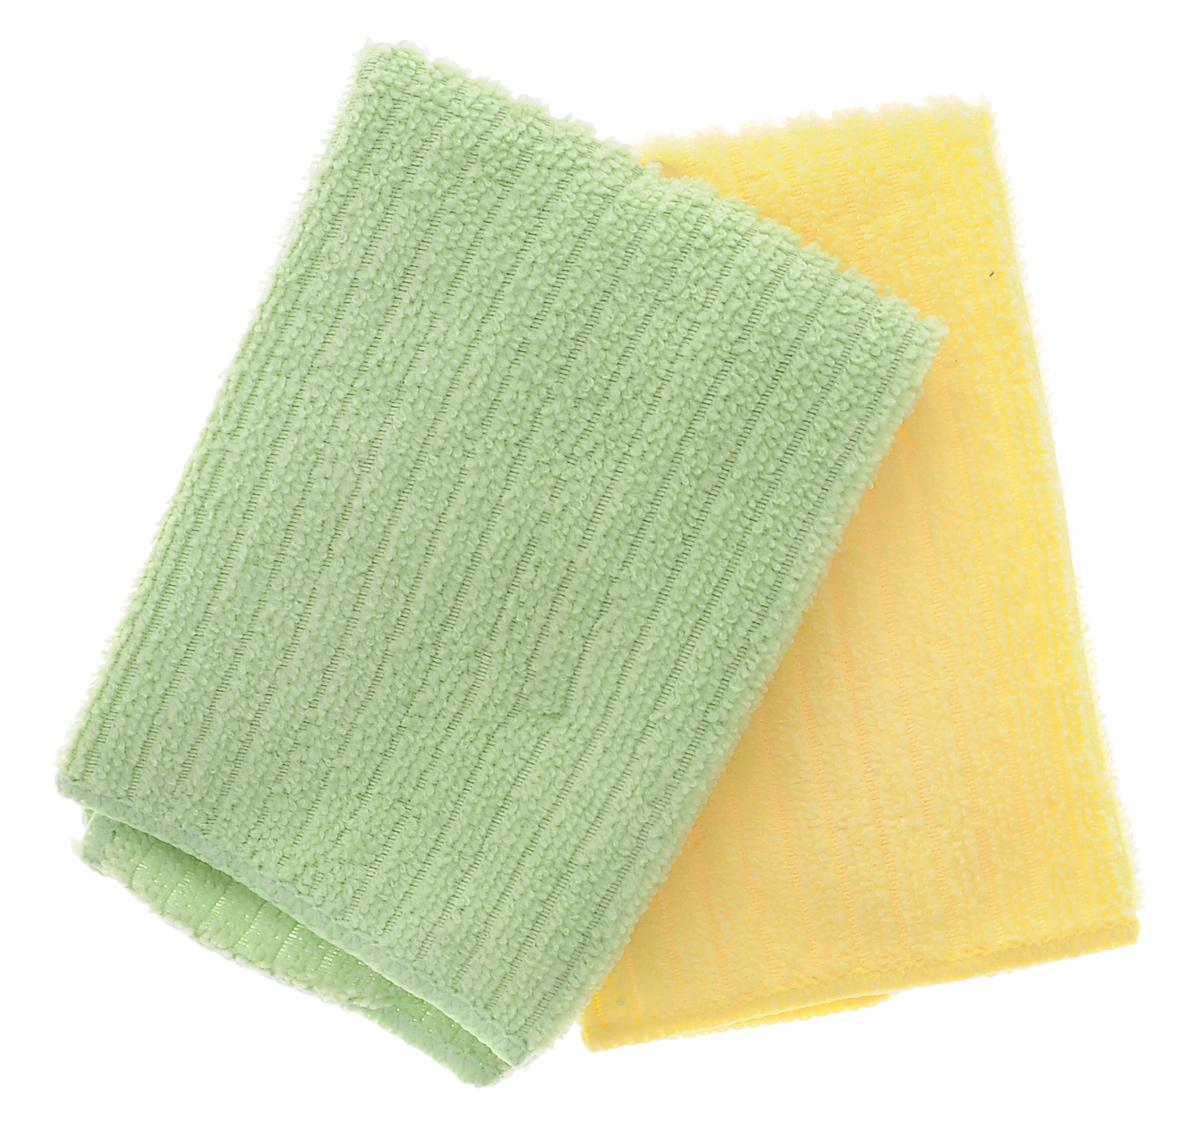 Салфетка из микрофибры Home Queen, цвет: желтый, зеленый, 30 х 30 см, 2 шт1004900000360Салфетка Home Queen изготовлена из микрофибры. Это великолепная гипоаллергенная ткань, изготовленная из тончайших полимерных микроволокон. Салфетка из микрофибры может поглощать количество пыли и влаги, в 7 раз превышающее ее собственный вес. Многочисленные поры между микроволокнами, благодаря капиллярному эффекту, мгновенно впитывают воду, подобно губке. Благодаря мелким порам микроволокна, любые капельки, остающиеся на чистящей поверхности очень быстро испаряются и остается чистая дорожка без полос и разводов. В сухом виде при вытирании поверхности волокна микрофибры электризуются и притягивают к себе микробов, мельчайшие частицы пыли и грязи, удерживая их в своих микропорах.Размер салфетки: 30 см х 30 см.